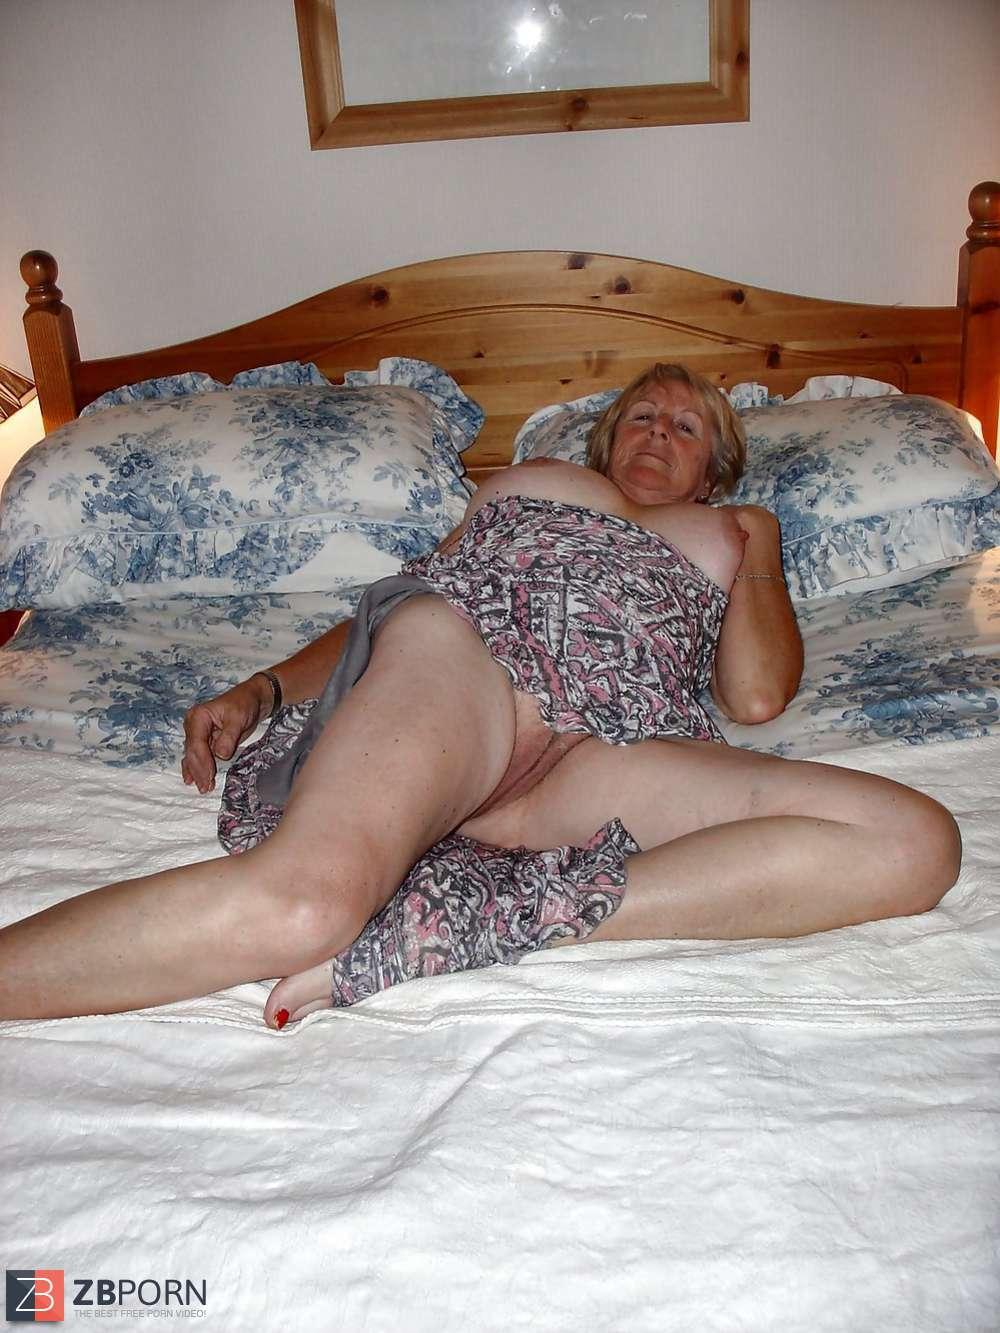 Aussie girls like it hard porn